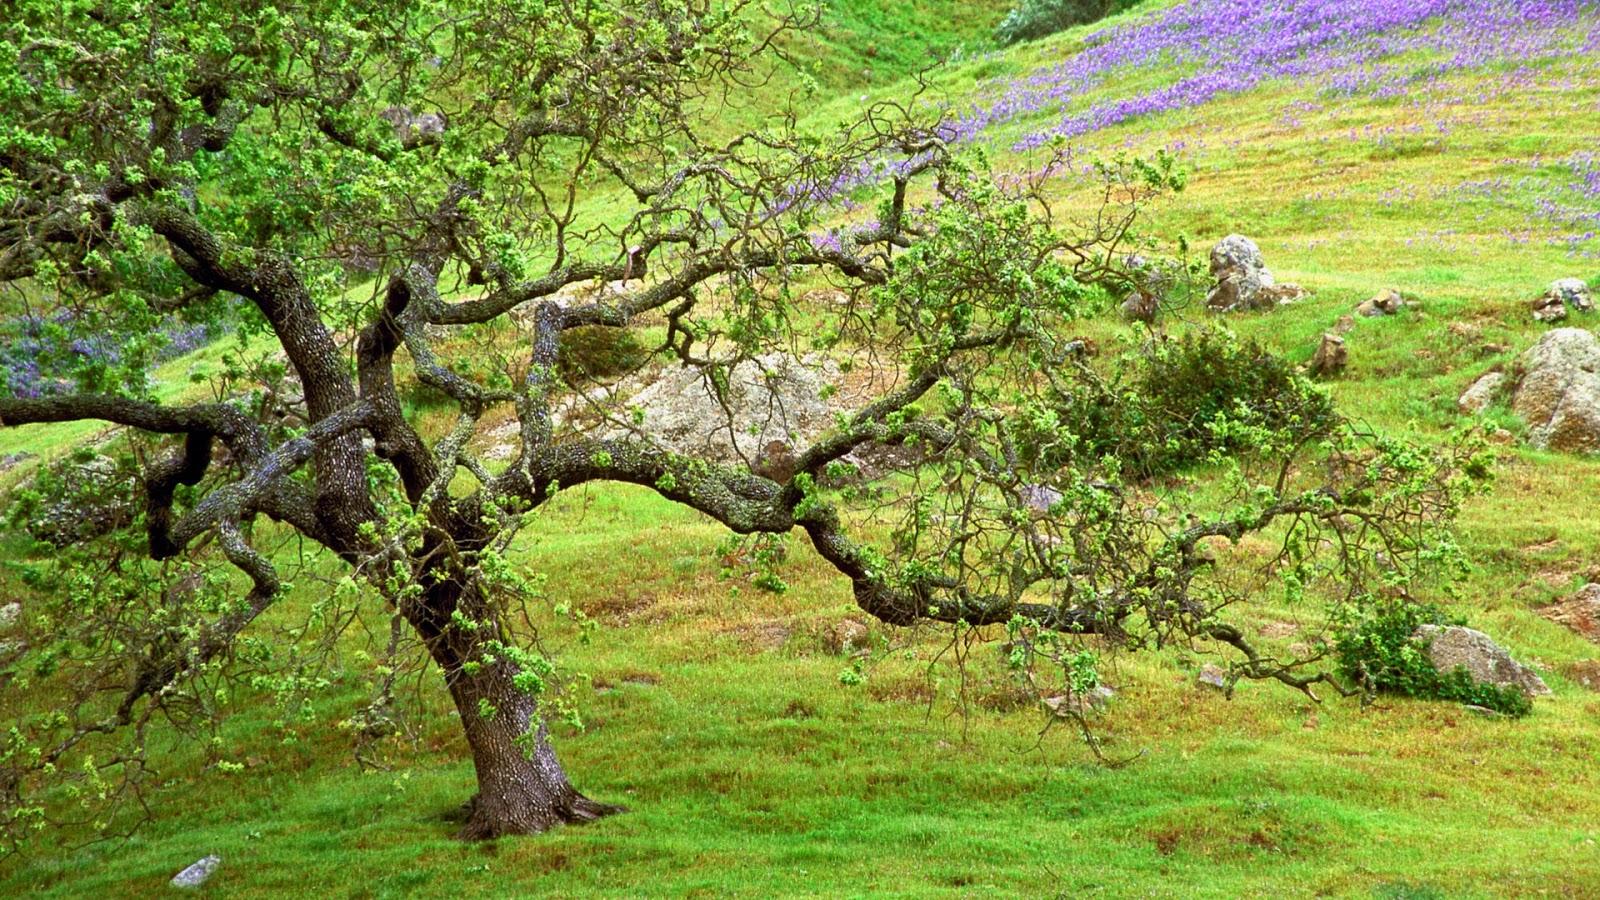 Wallpaper met bloemen en boom in de heuvels